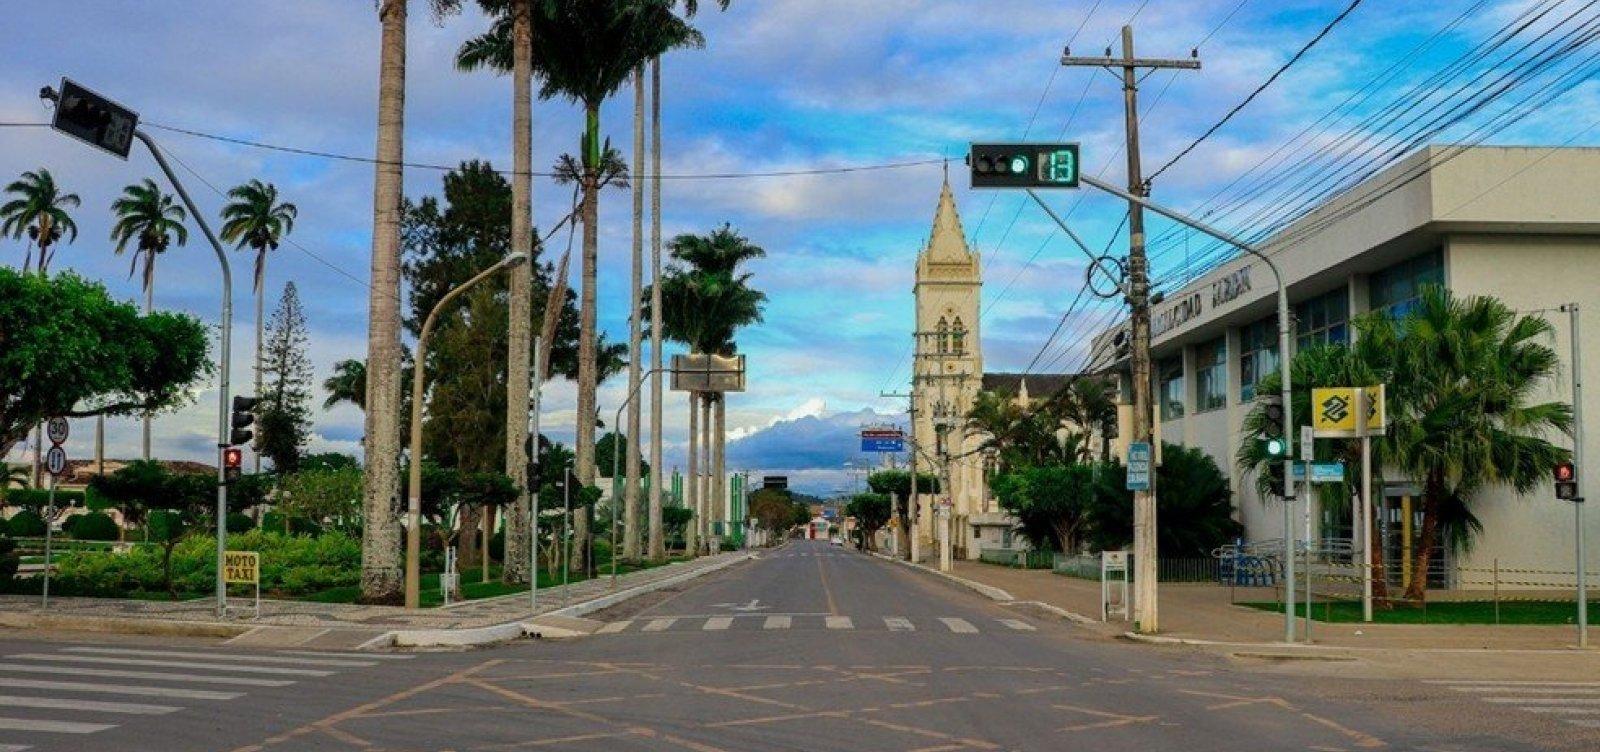 [Novo tremor de terra é registrado no interior da Bahia]